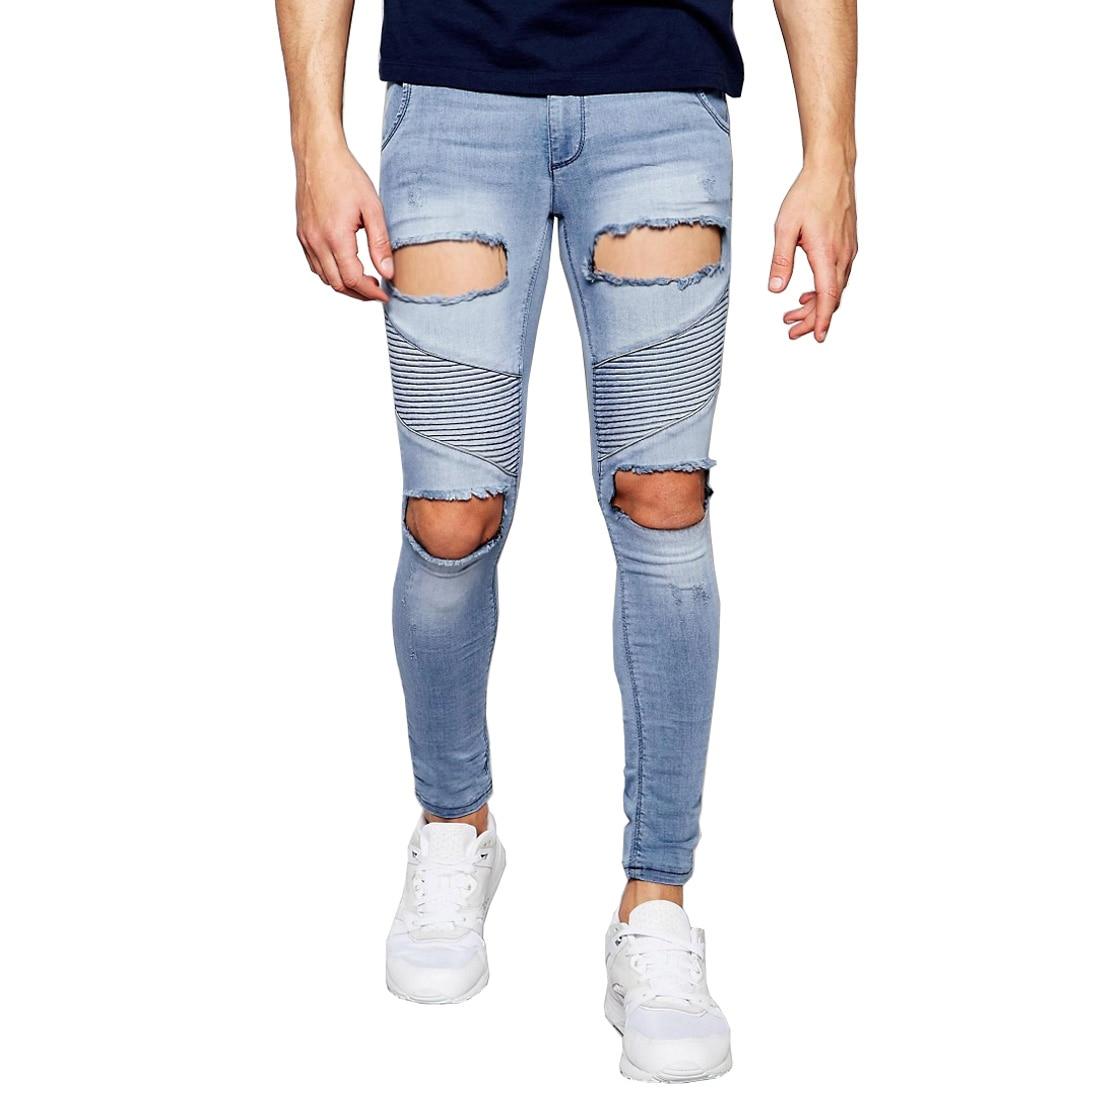 2017 Neue Männer Jeans Extreme Reißt Loch Hip Hop Fashion Designer Marke Slim Dünne Denim Distressed Biker Jeans Vt0268 Senility VerzöGern